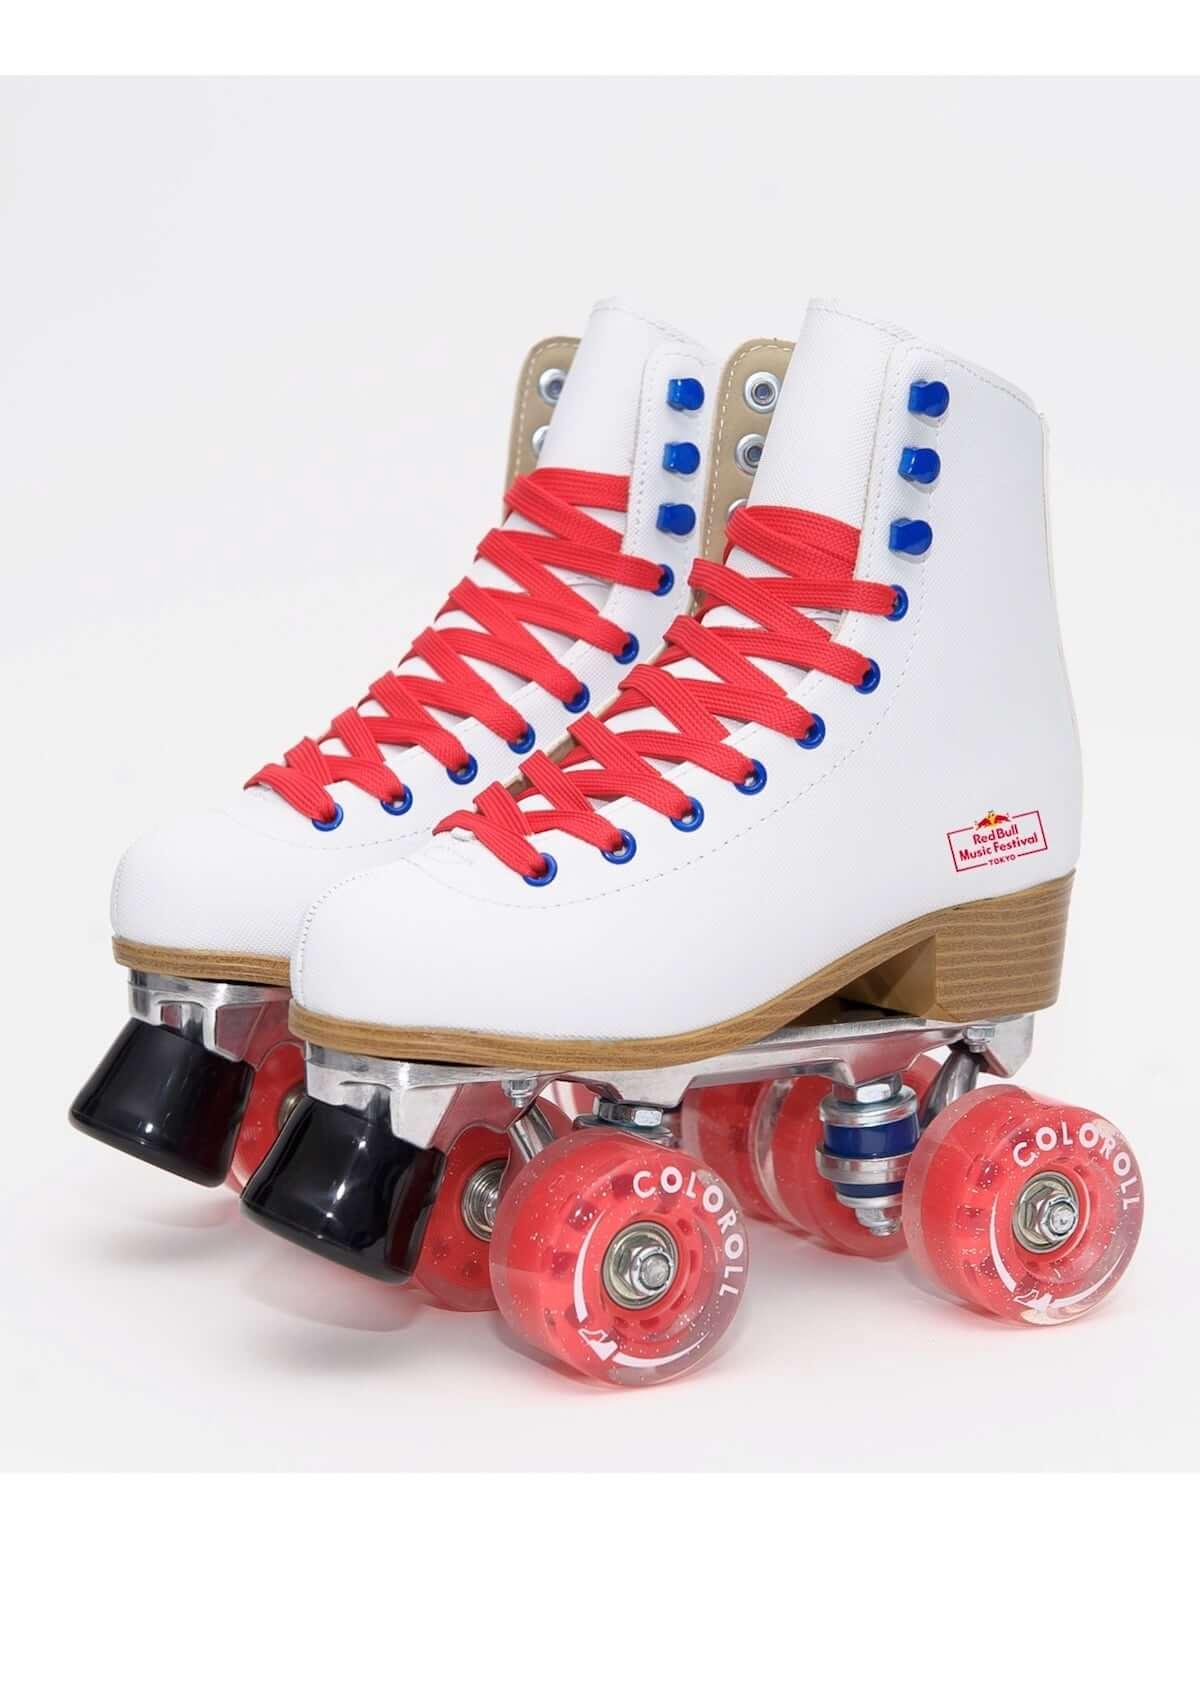 レッドブル主催 DāM-FunKとダンサーら祭りのプロとともにローラースケートを楽しむイベントが開催 music190329-redbull-a-roller-skate-affair-3-1200x1684